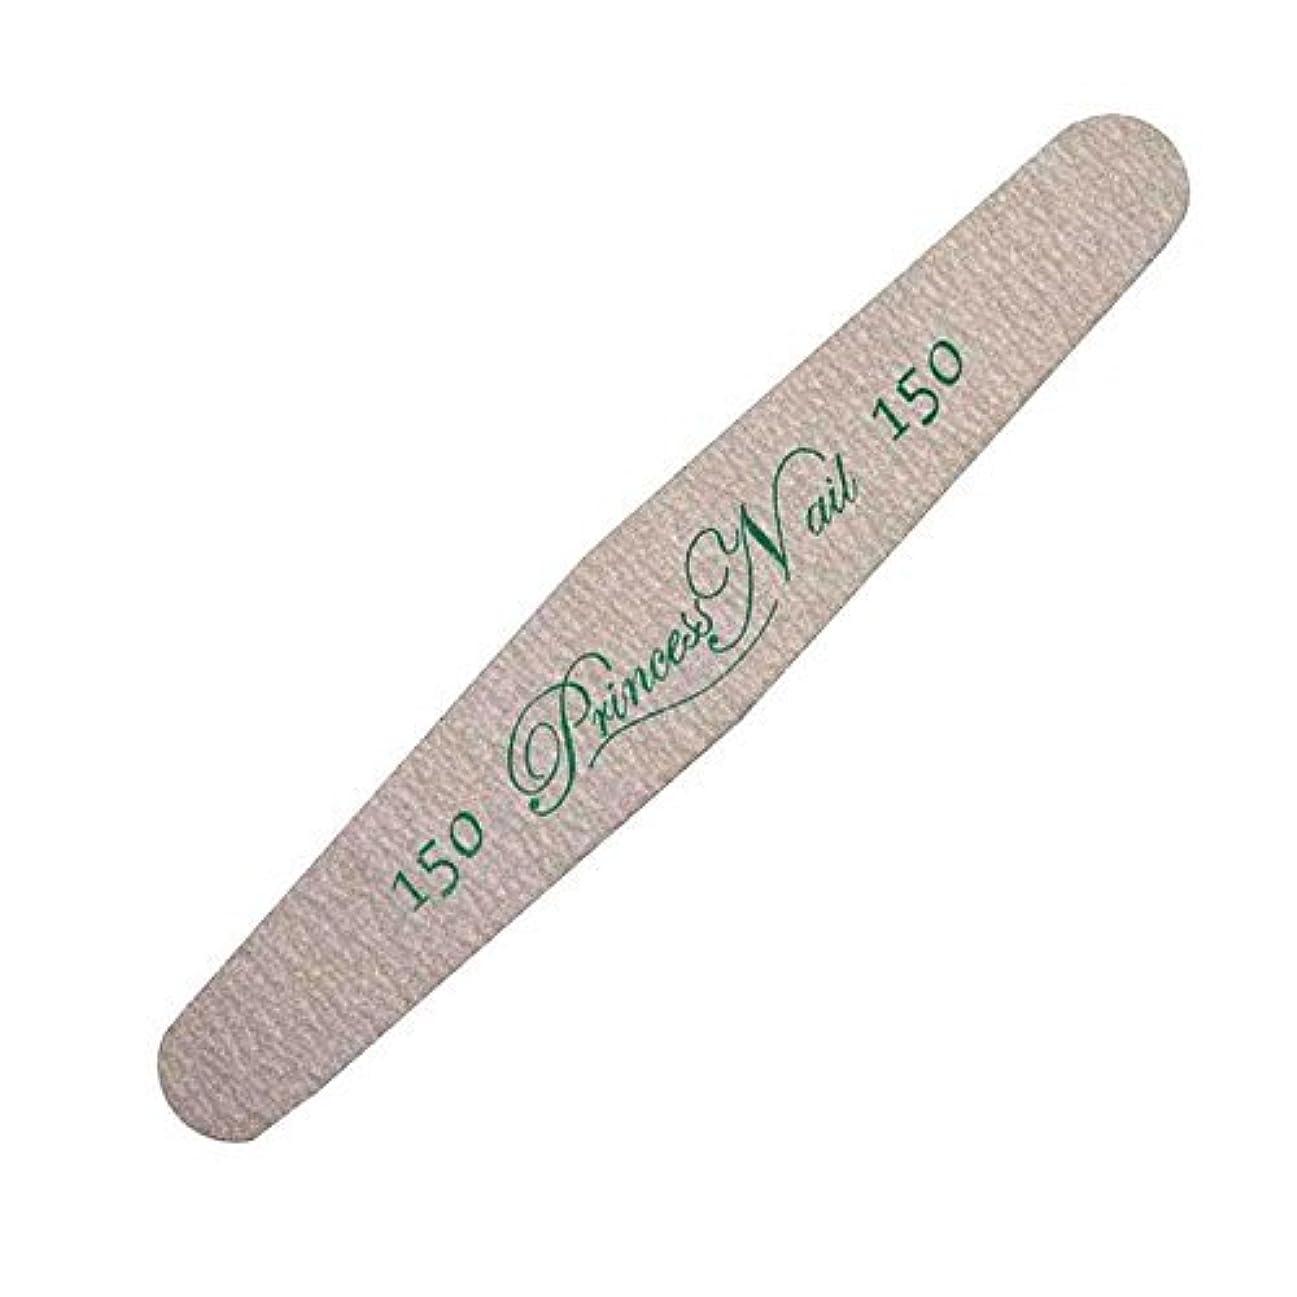 入る扇動研磨剤プリンセスネイル ネイルファイル 150/150 爪やすり